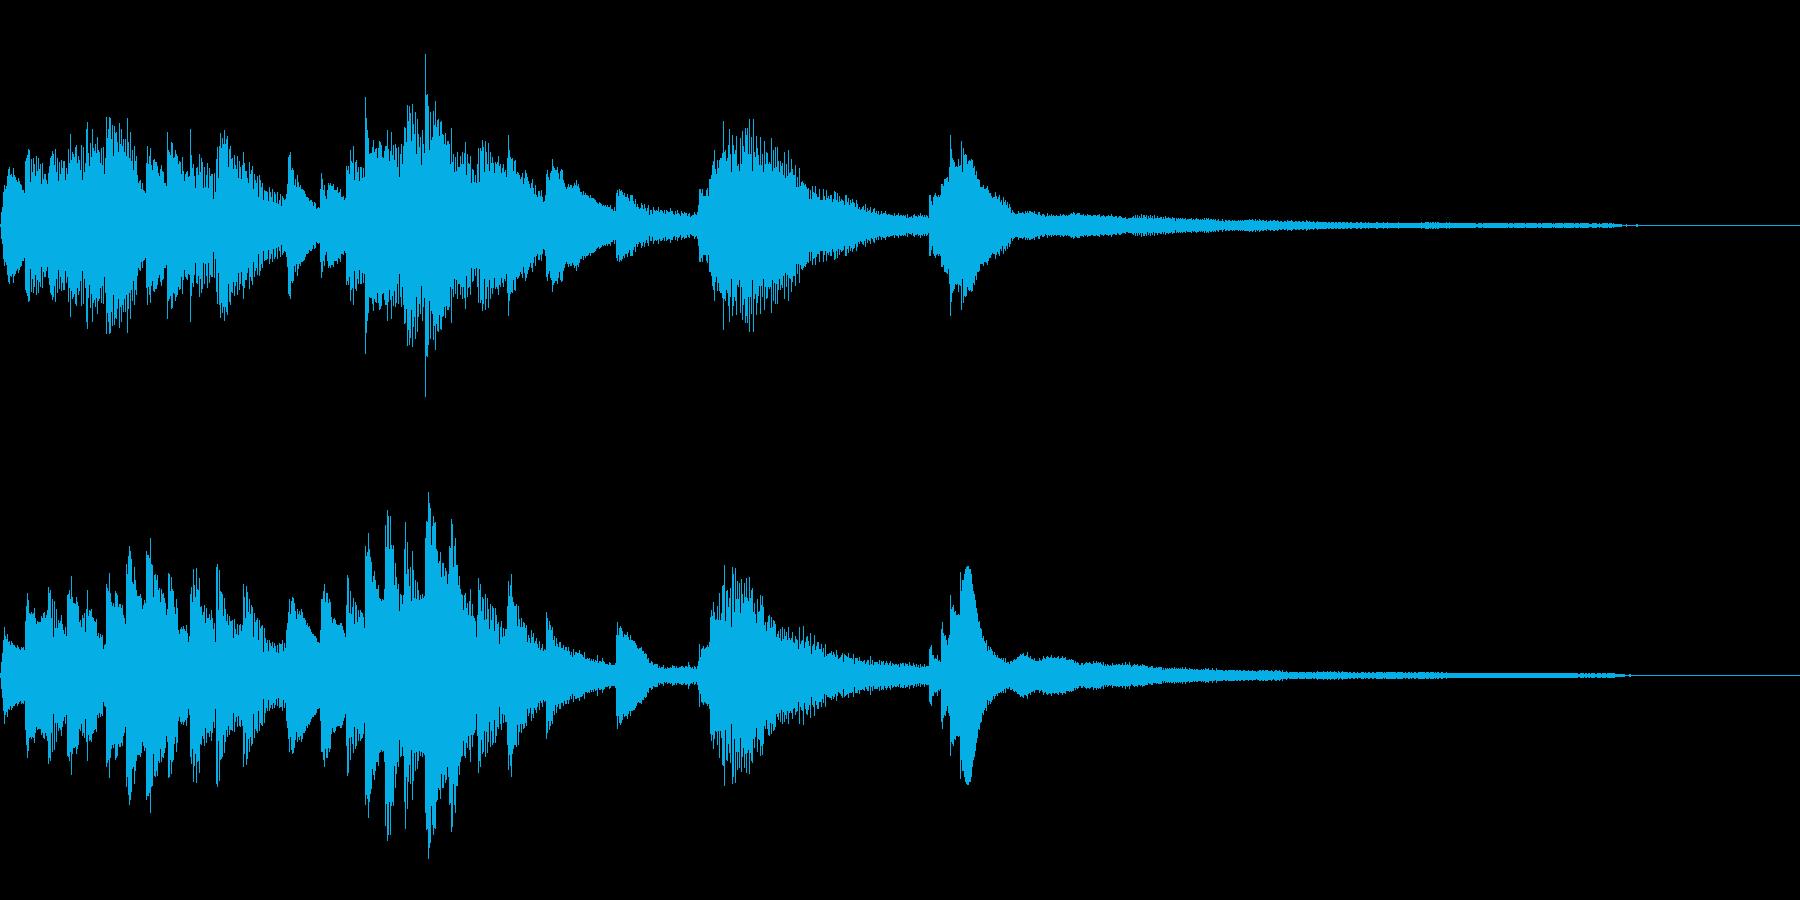 暗く艶やかな和風ジングル42-ピアノソロの再生済みの波形